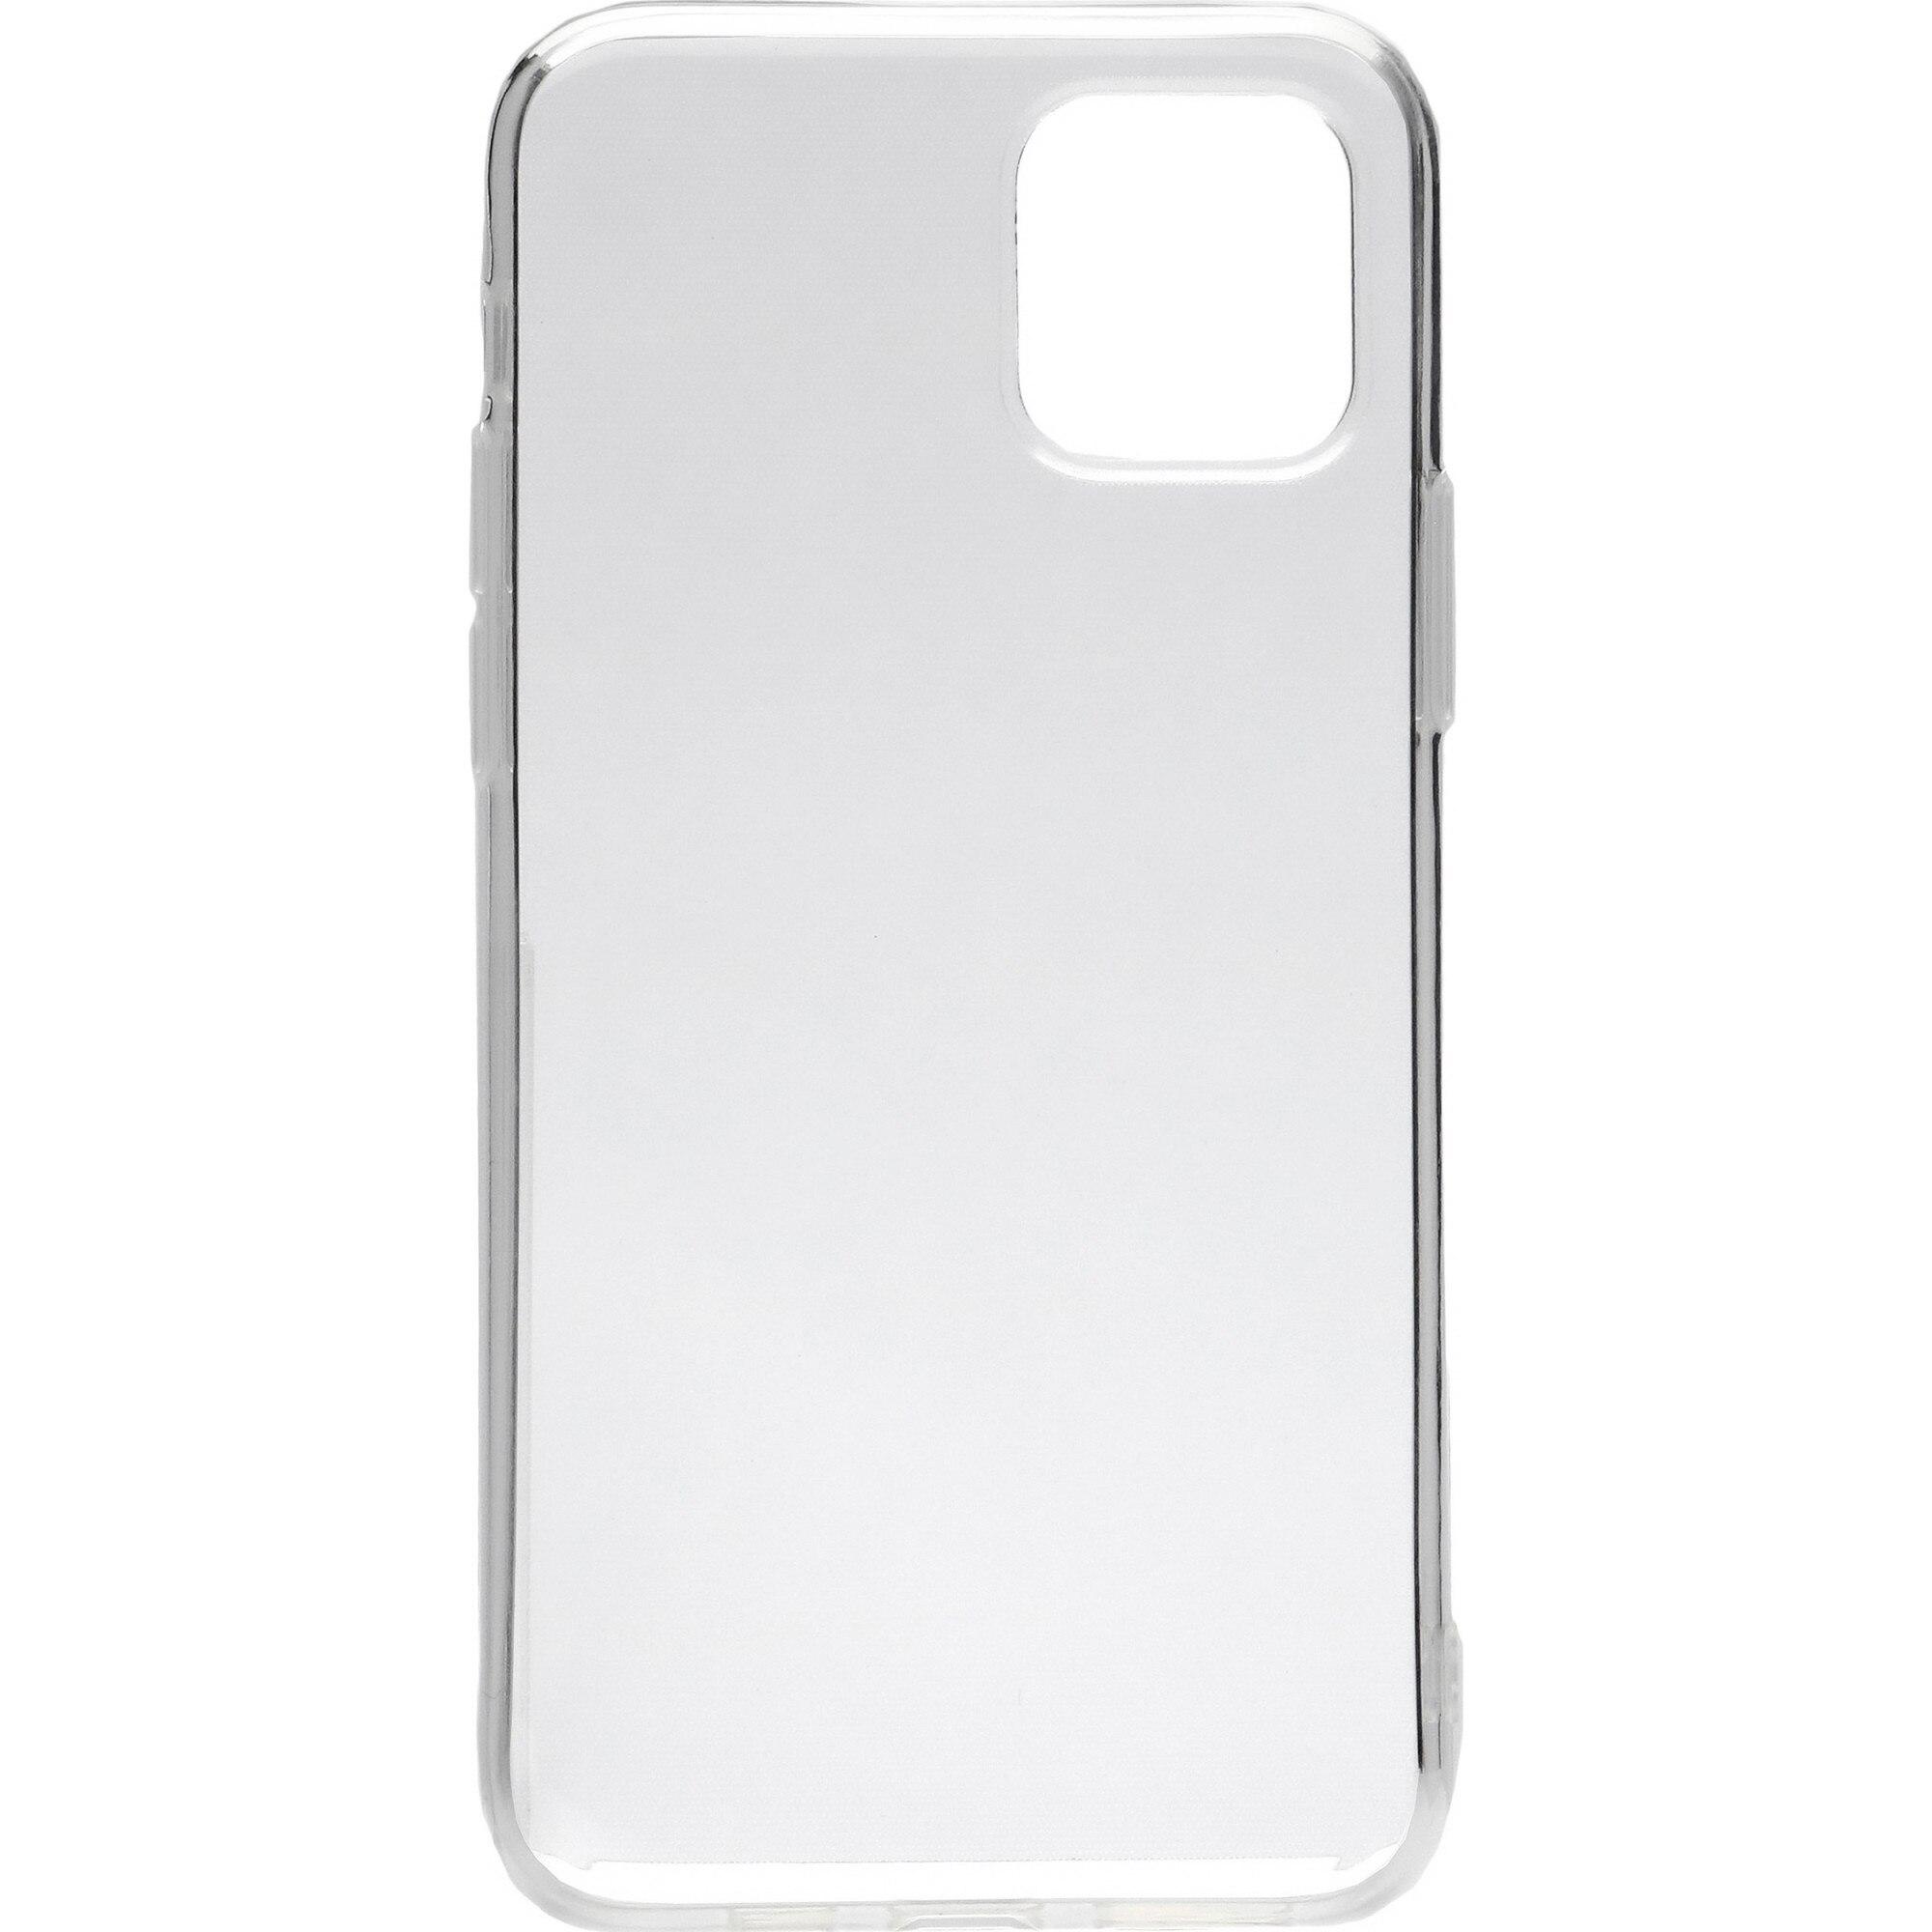 Fotografie Husa de protectie A+ Case TPU Clear pentru iPhone 11 Pro Max